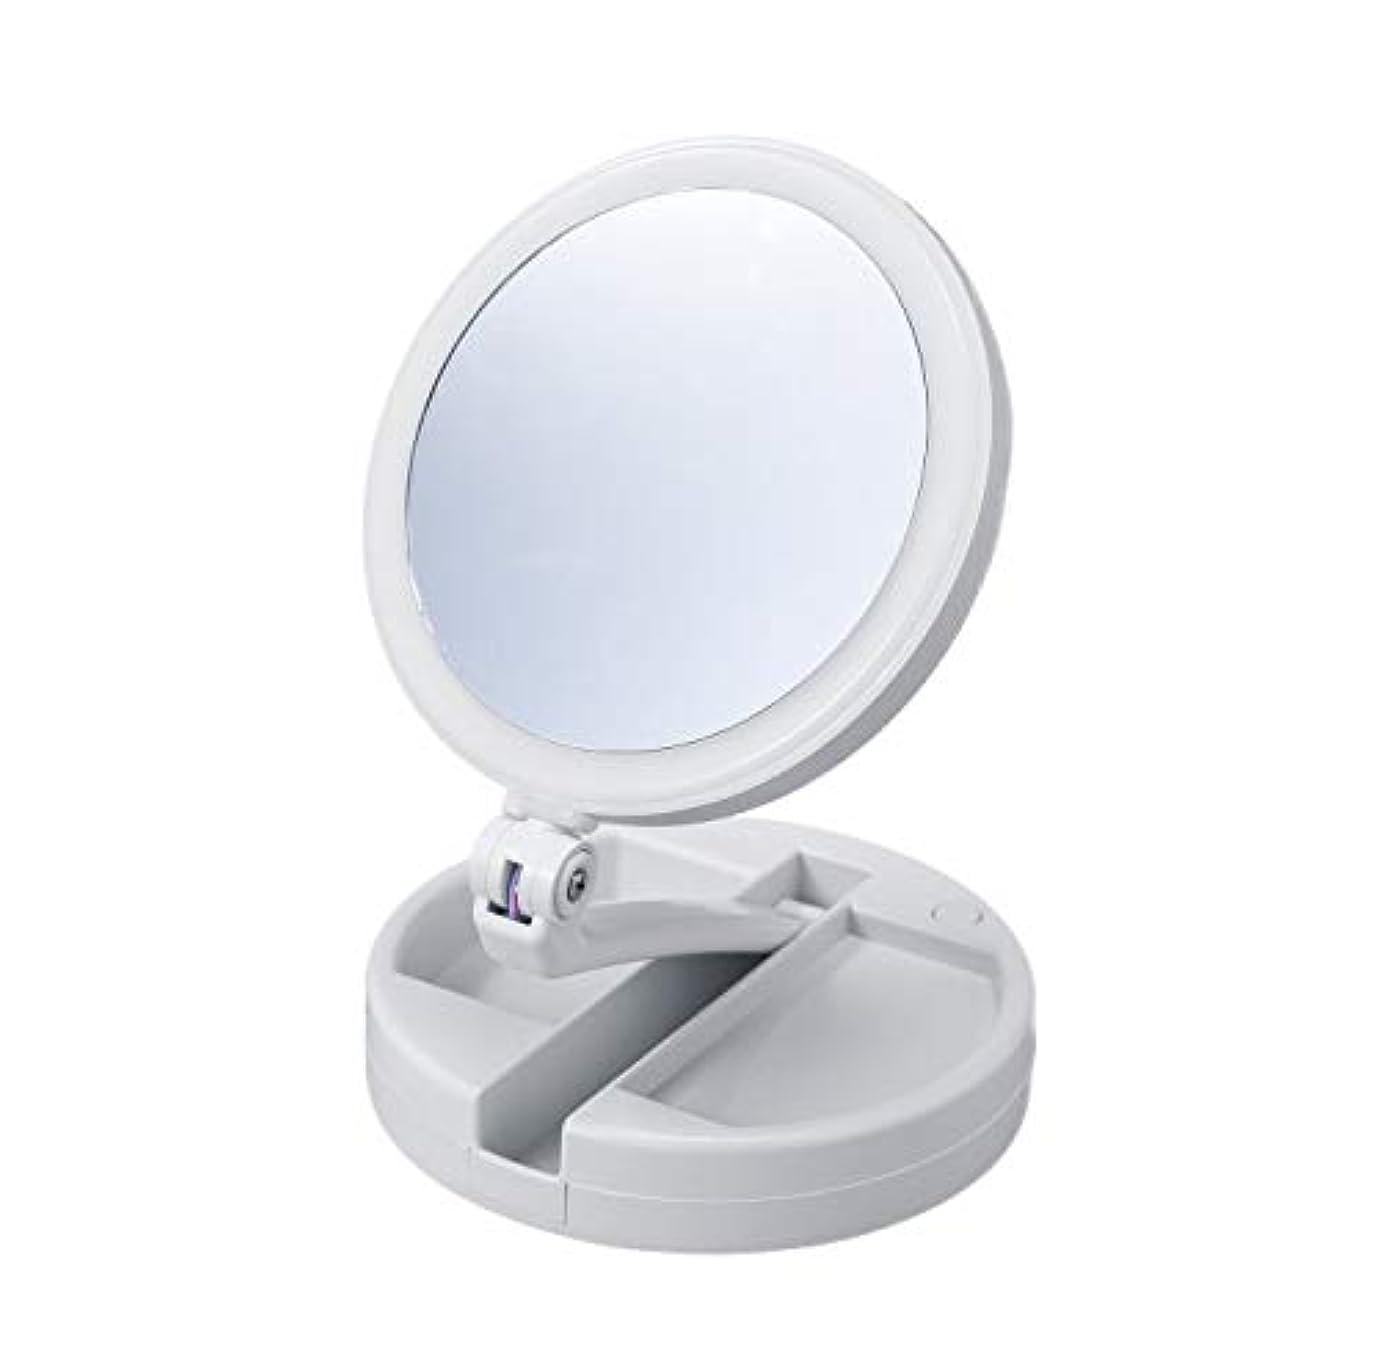 熱有名減衰たためる10倍拡大鏡付きの2面ミラー(ライト付) 卓上 スタンドミラー 化粧鏡 メイク 小物入れ